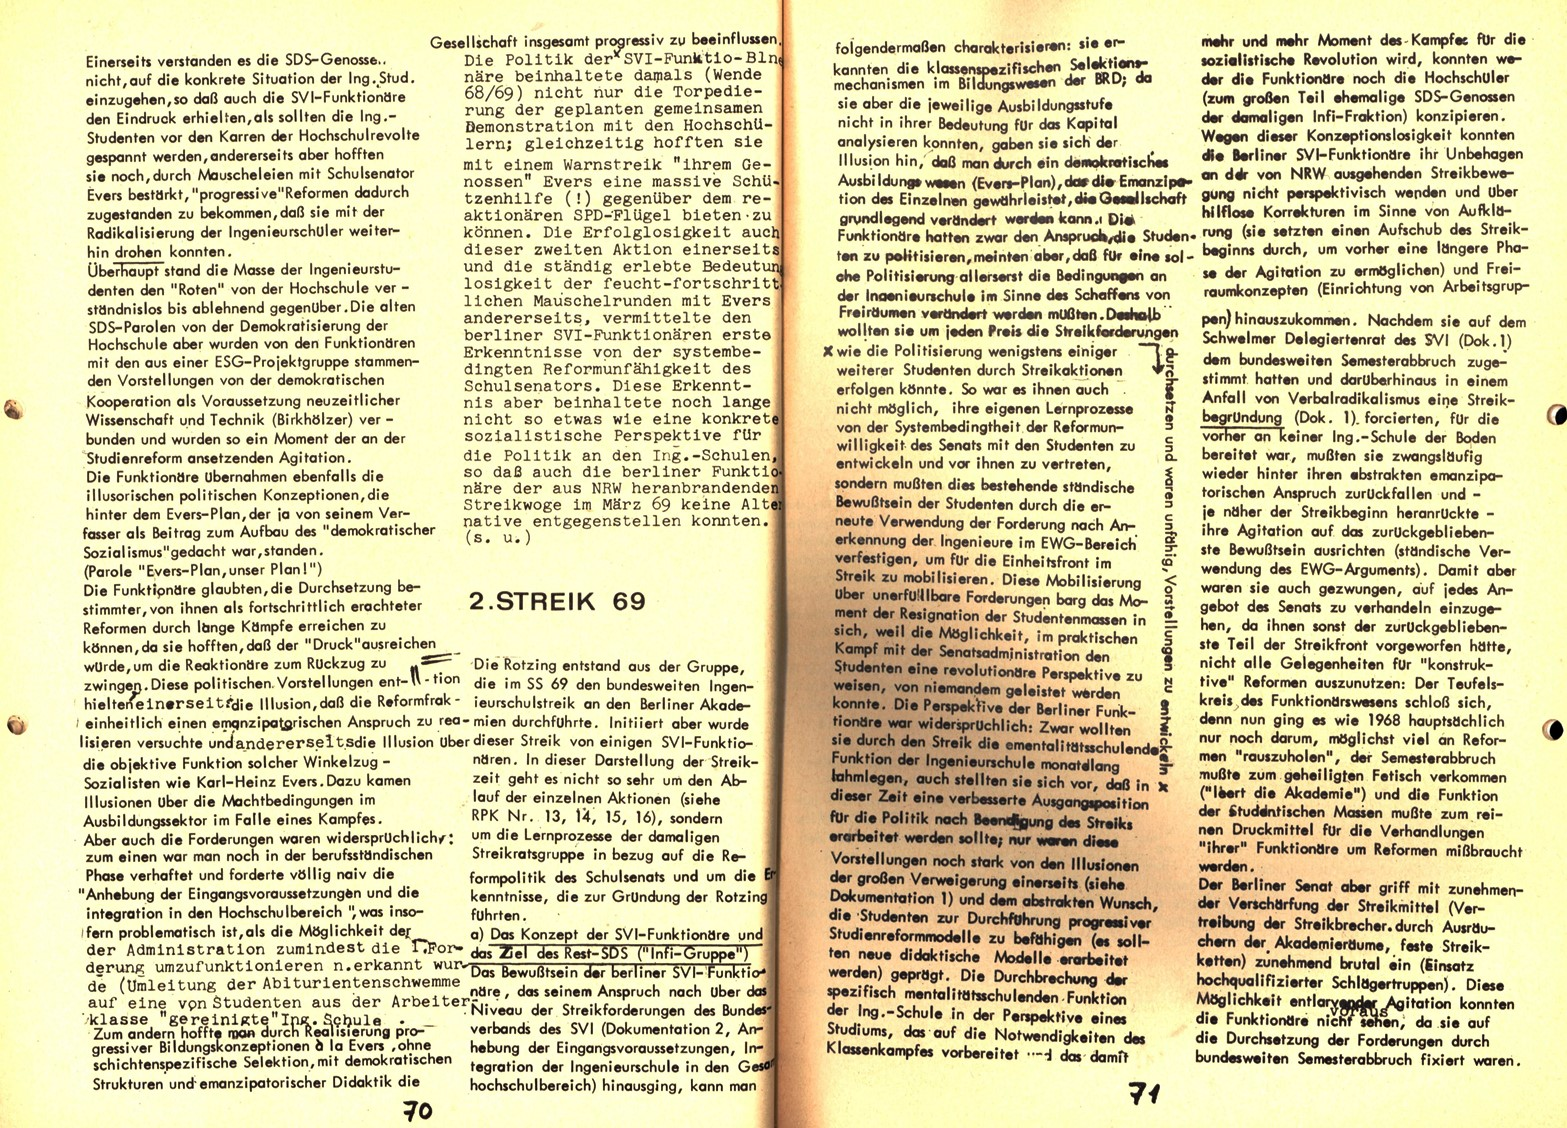 Berlin_Rotzing_1971_Kampfbericht_36